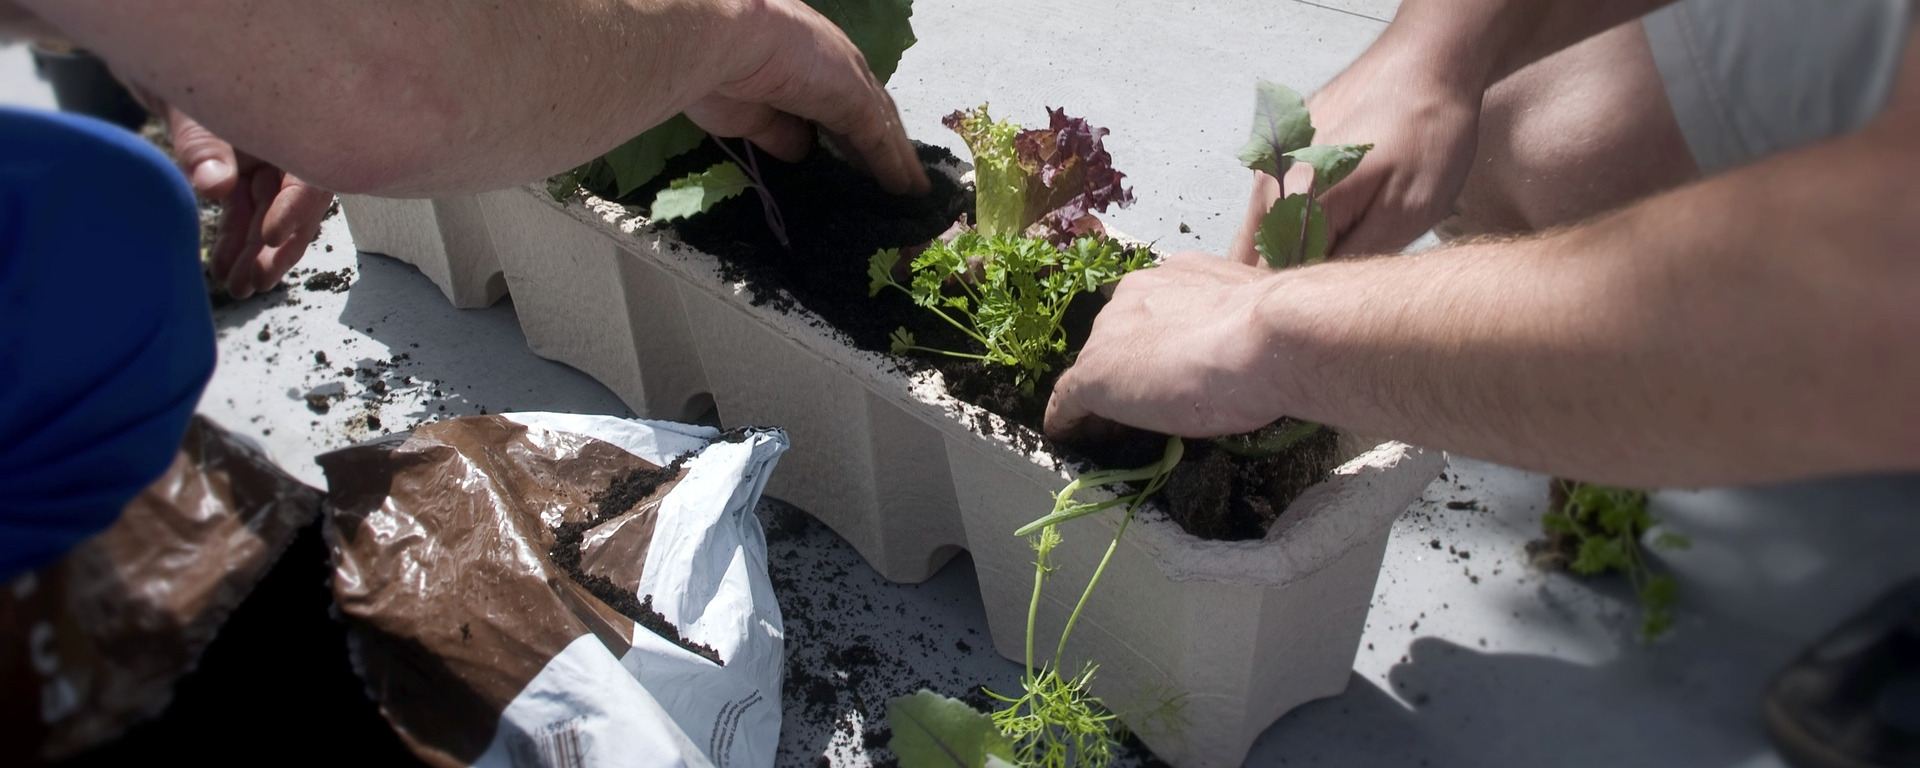 smart home garten pflanzen smart und genial einfach indoor anbauen. Black Bedroom Furniture Sets. Home Design Ideas